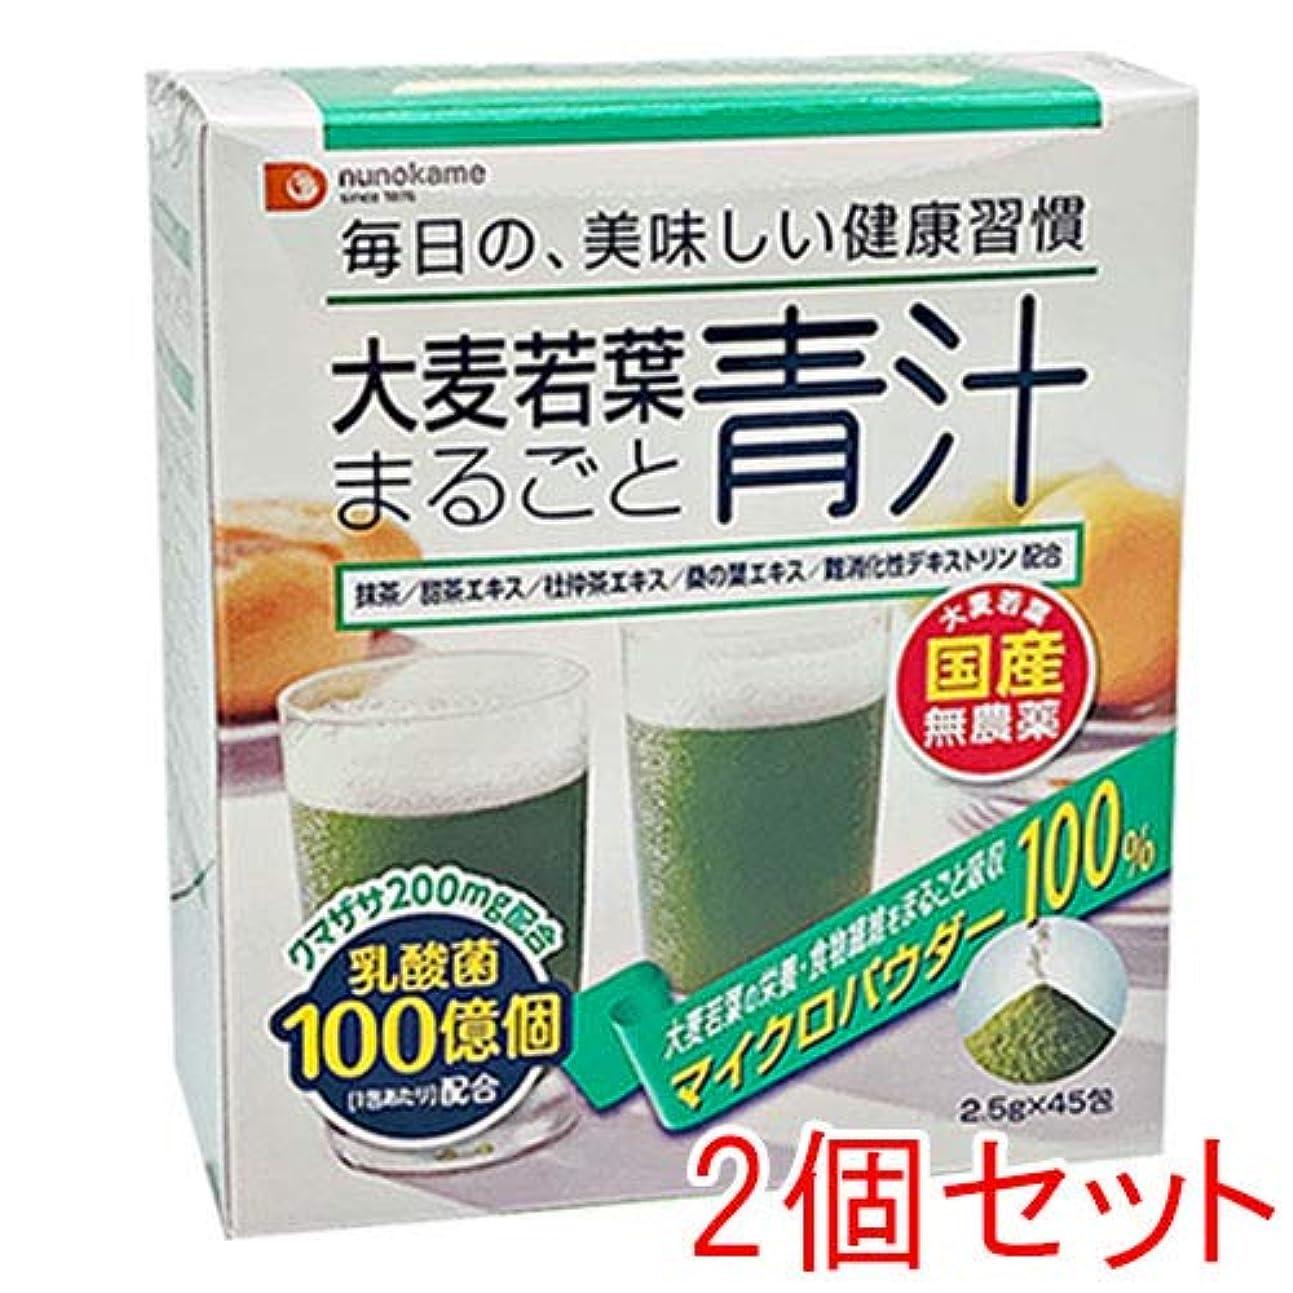 窓を洗う設計図ペルメル大麦若葉まるごと青汁【2個セット】 2.5g×45包×2